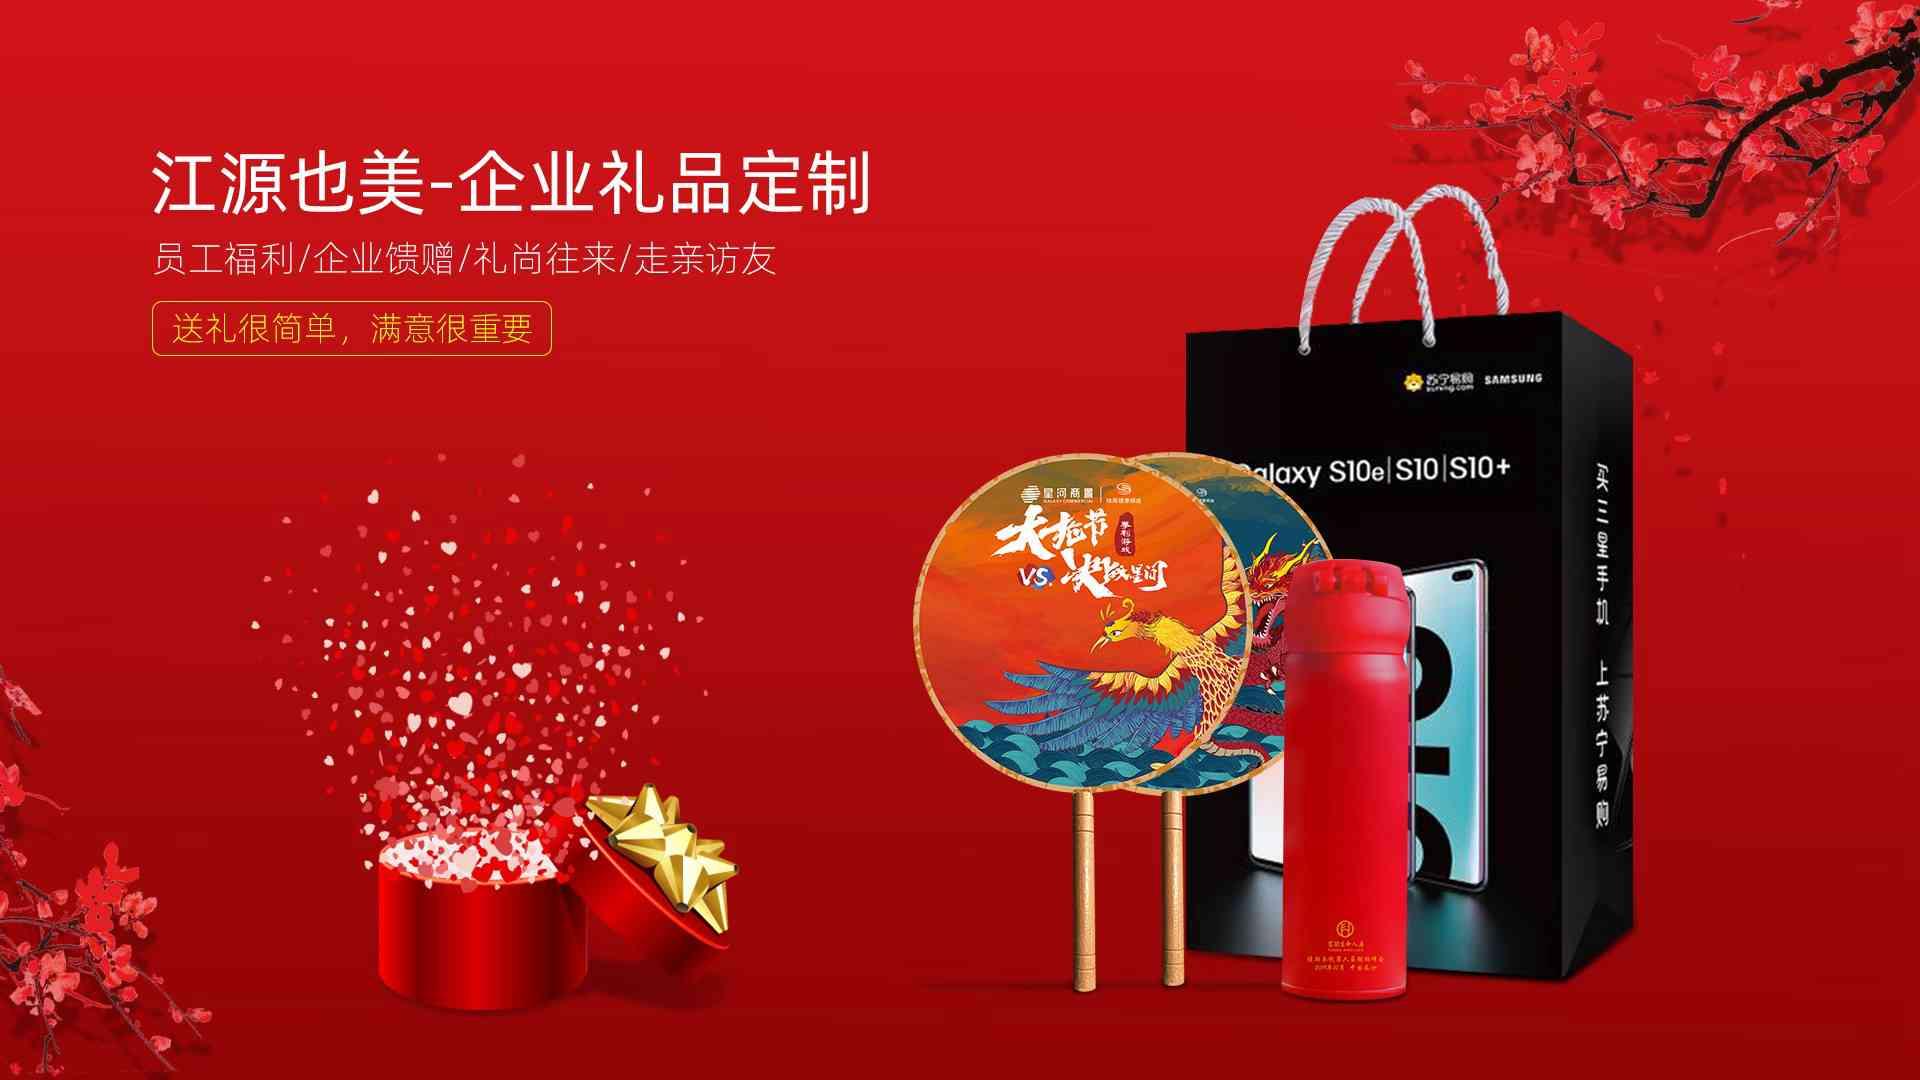 原装企业礼品定制优质商家 铸造辉煌「深圳市江源也美广告供应」